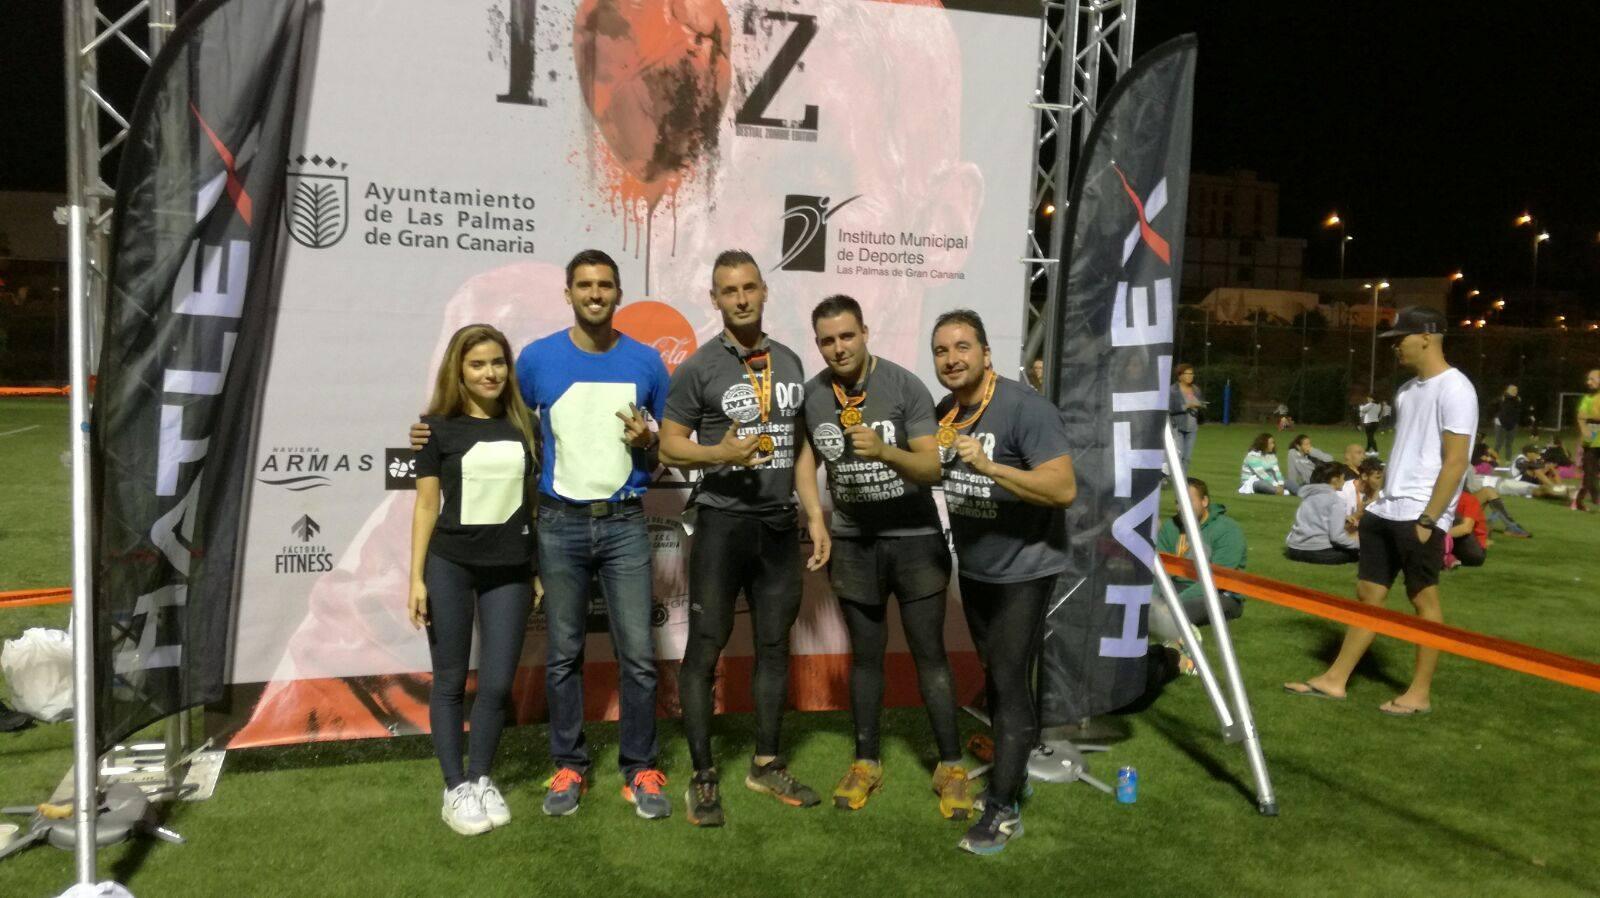 Promoción de camisetas Iluminated Apparel con nuestro equipo de carreras de obstáculos